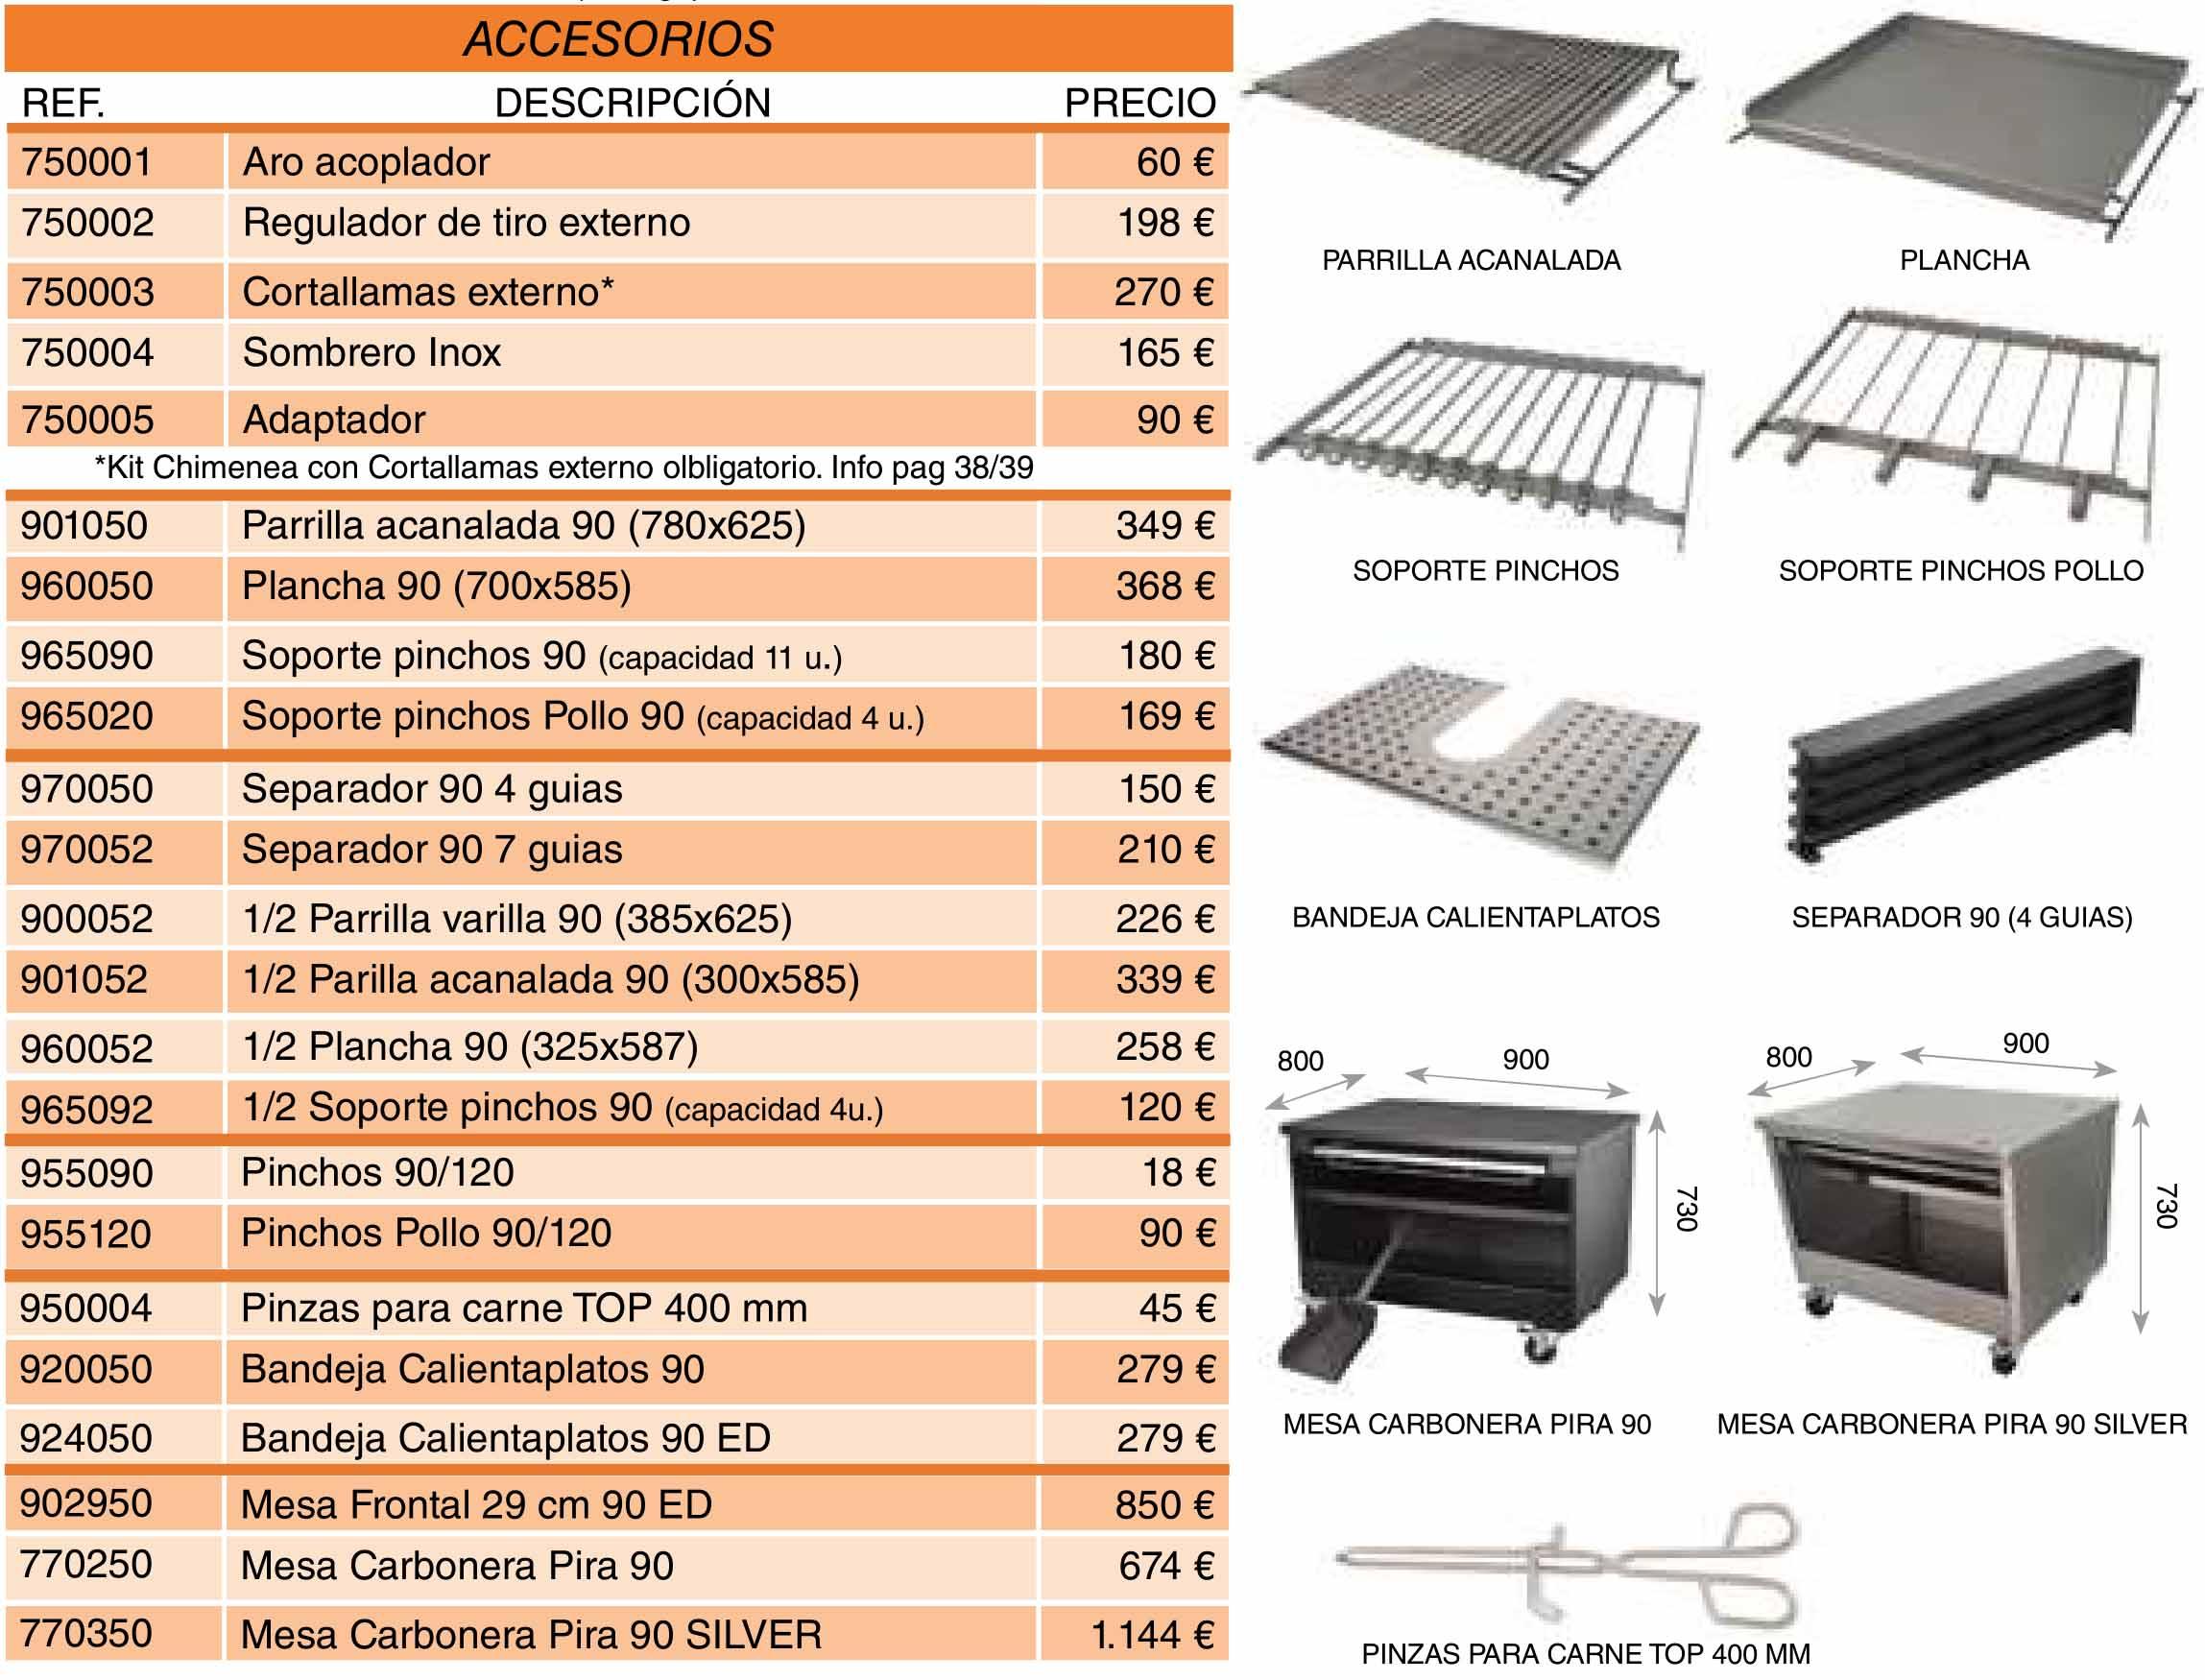 accesorios-opcionales-horno-de-carbon-pira-90lux